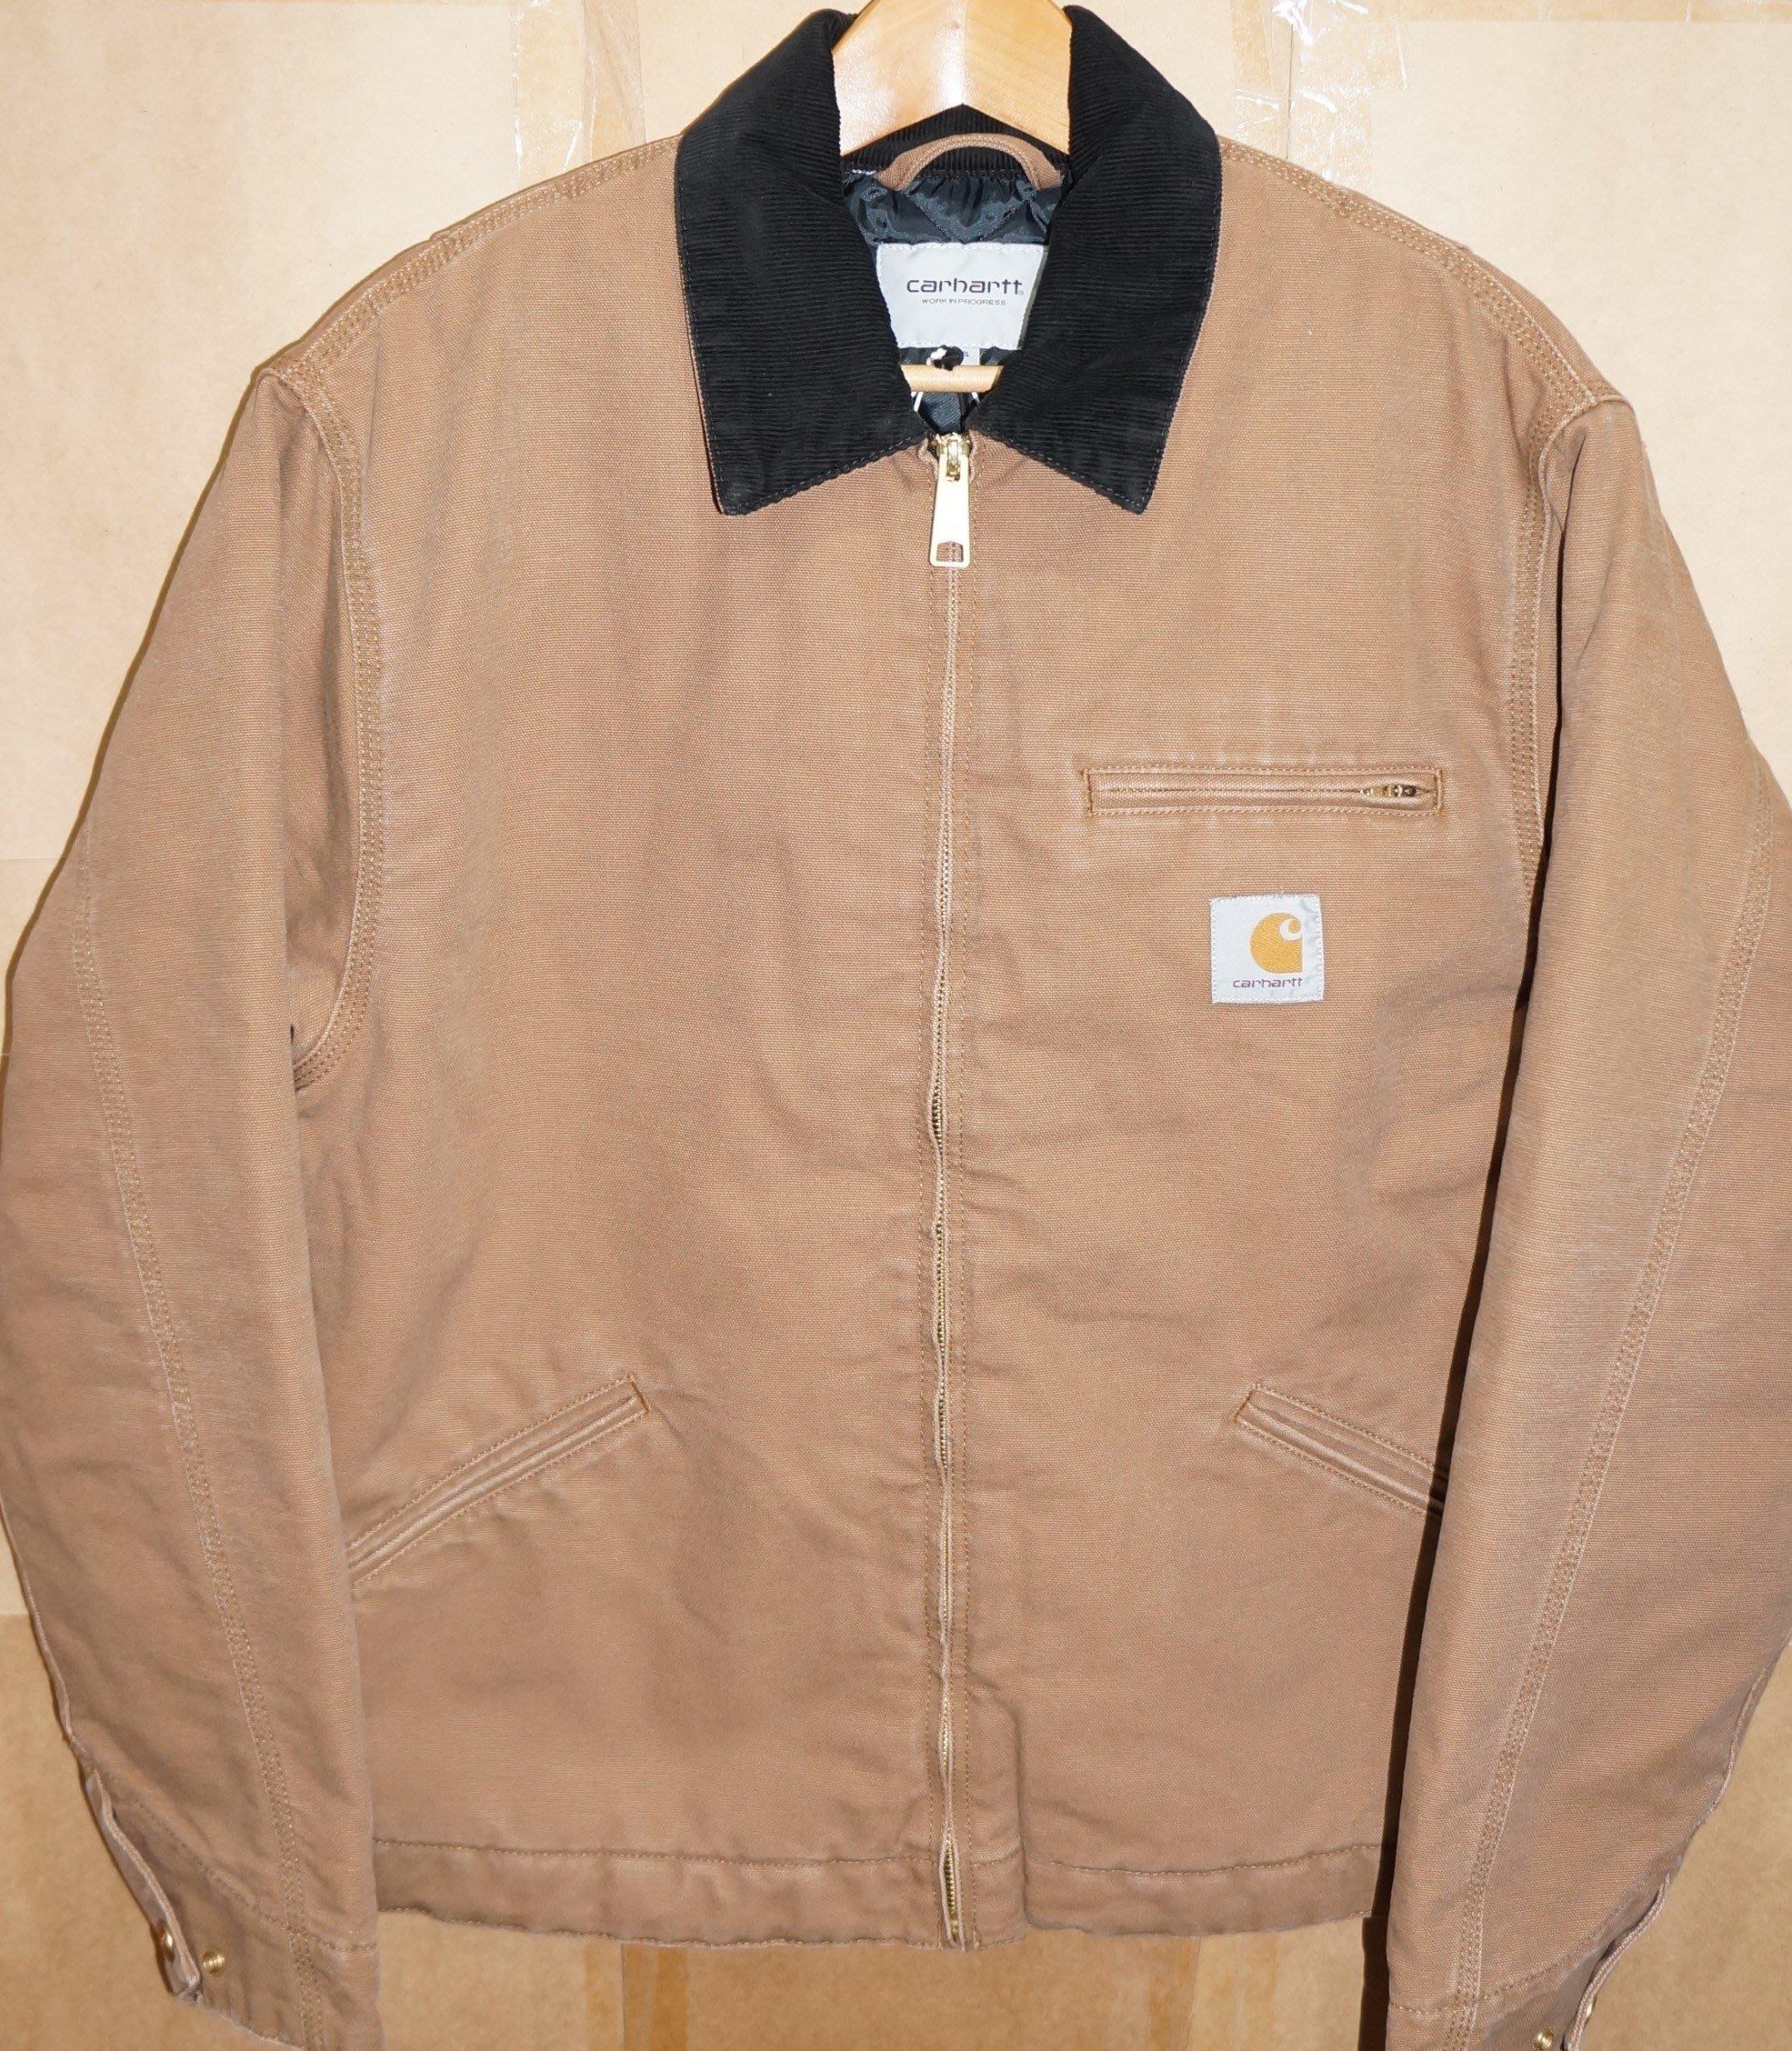 Carhartt WIP OG Detroit Jacket S號